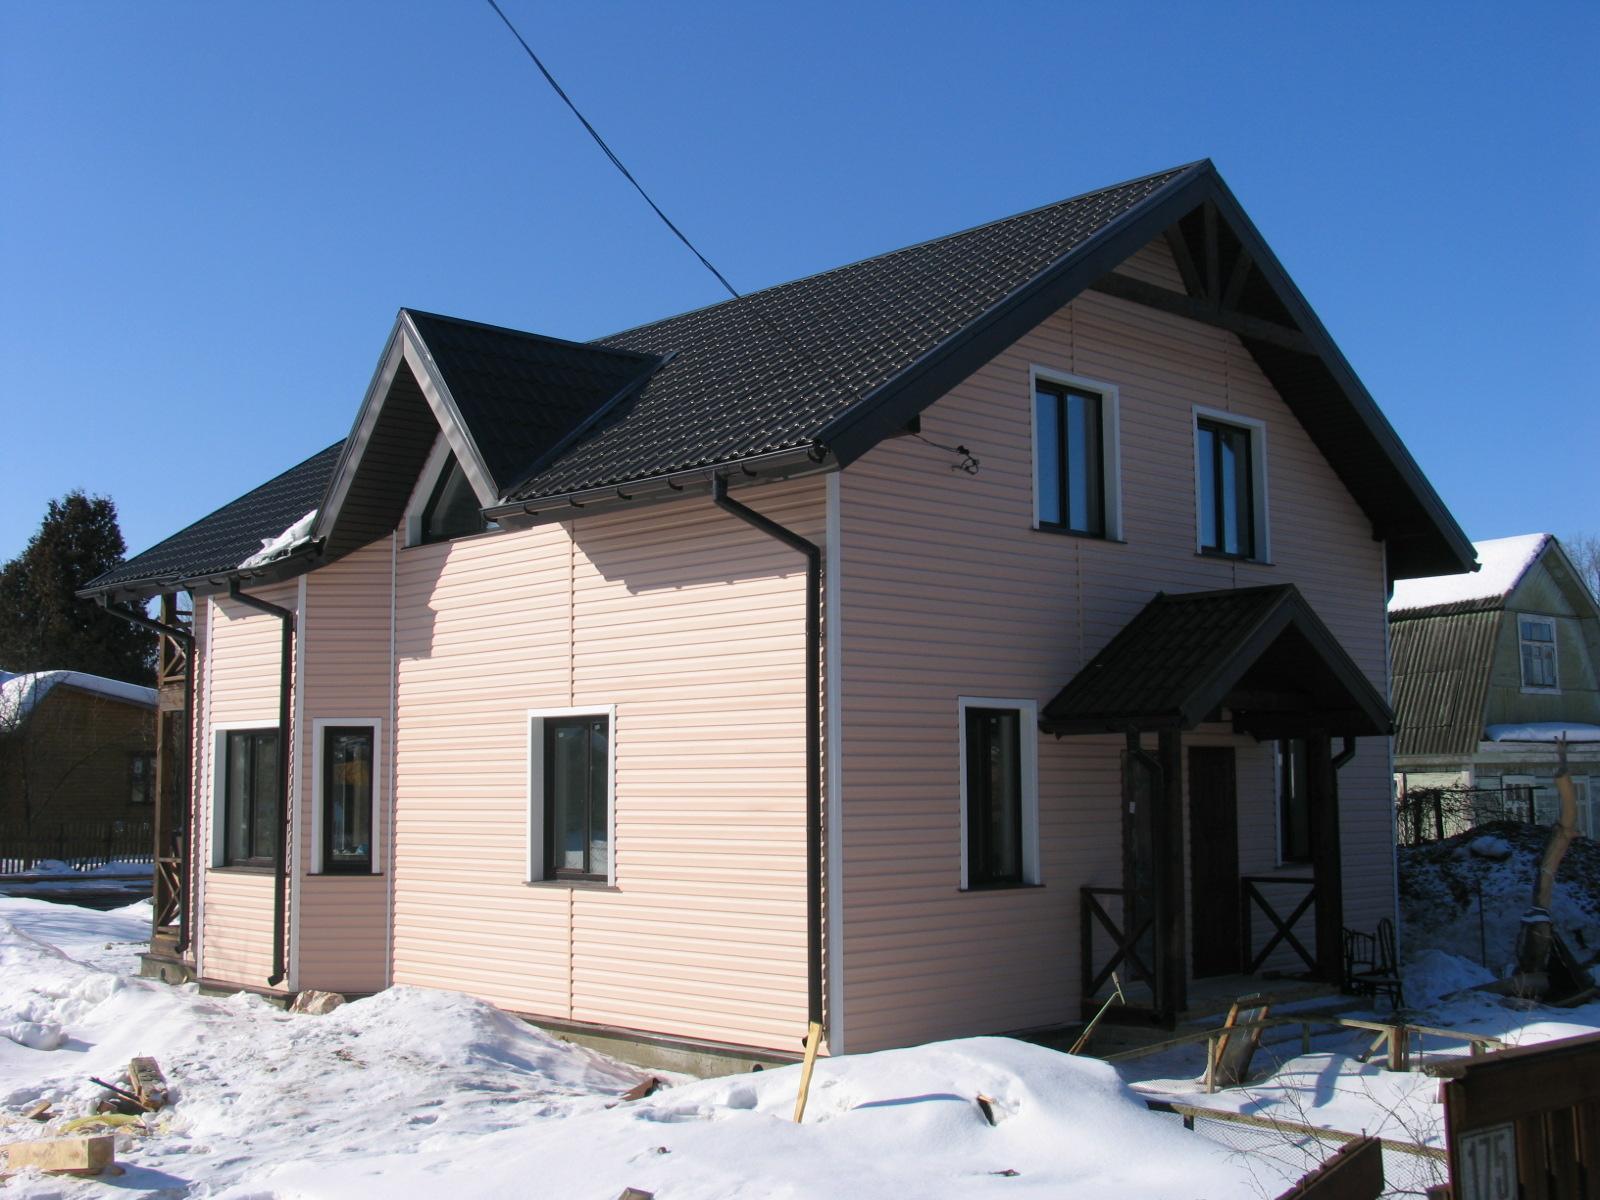 10-521.jpg